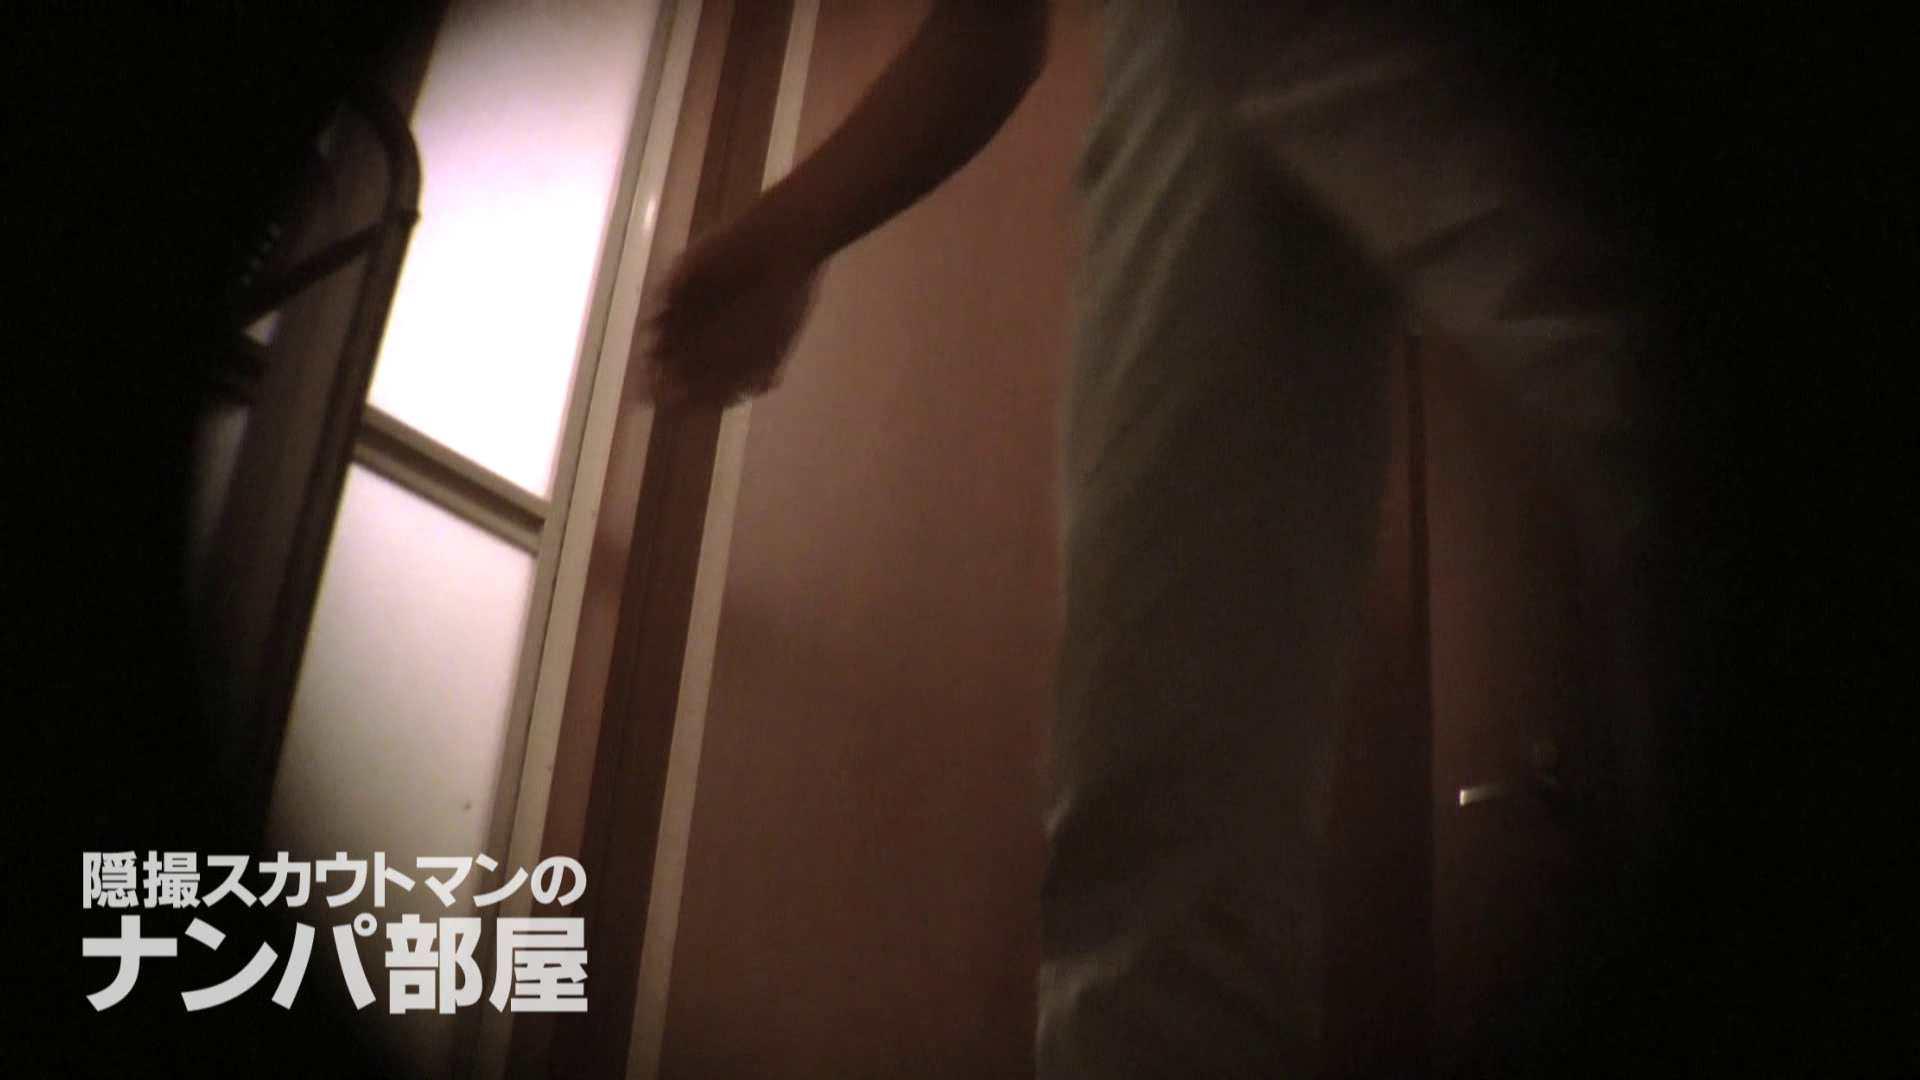 隠撮スカウトマンのナンパ部屋~風俗デビュー前のつまみ食い~ sii 脱衣所 | ナンパ  90連発 37